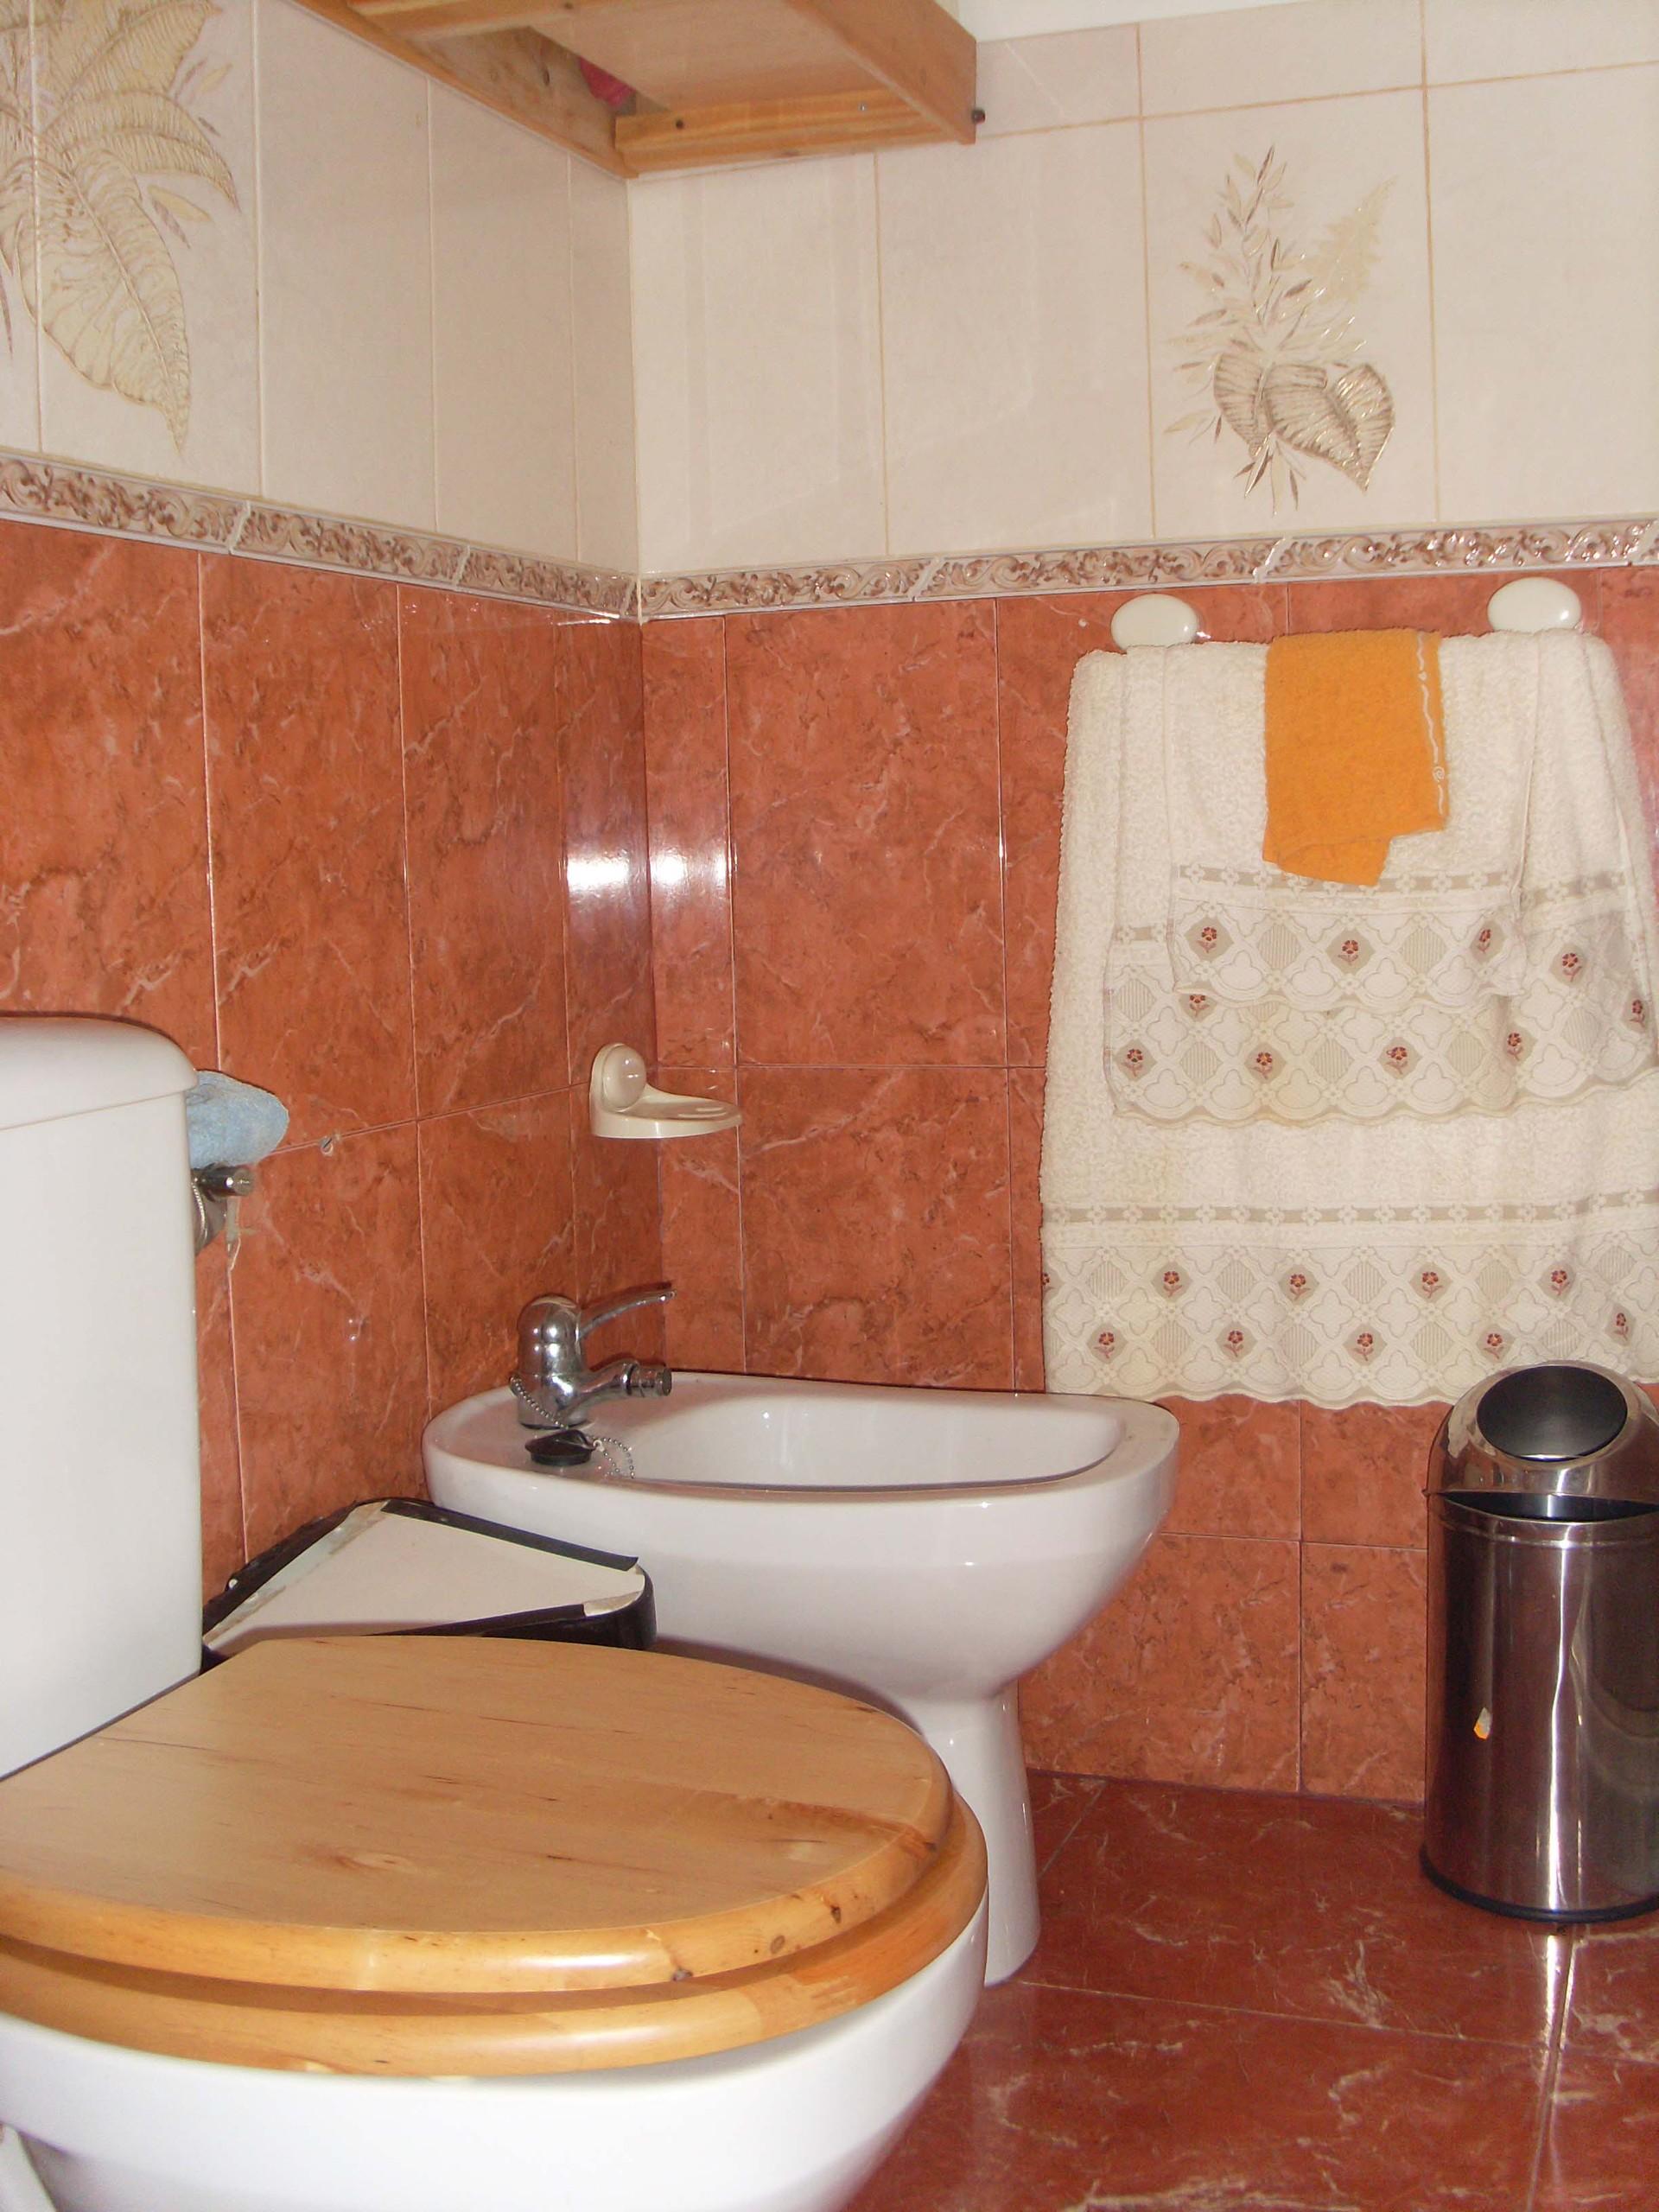 Alquiler de habitaci n y casa compartida alquiler for Alquiler habitacion compartida